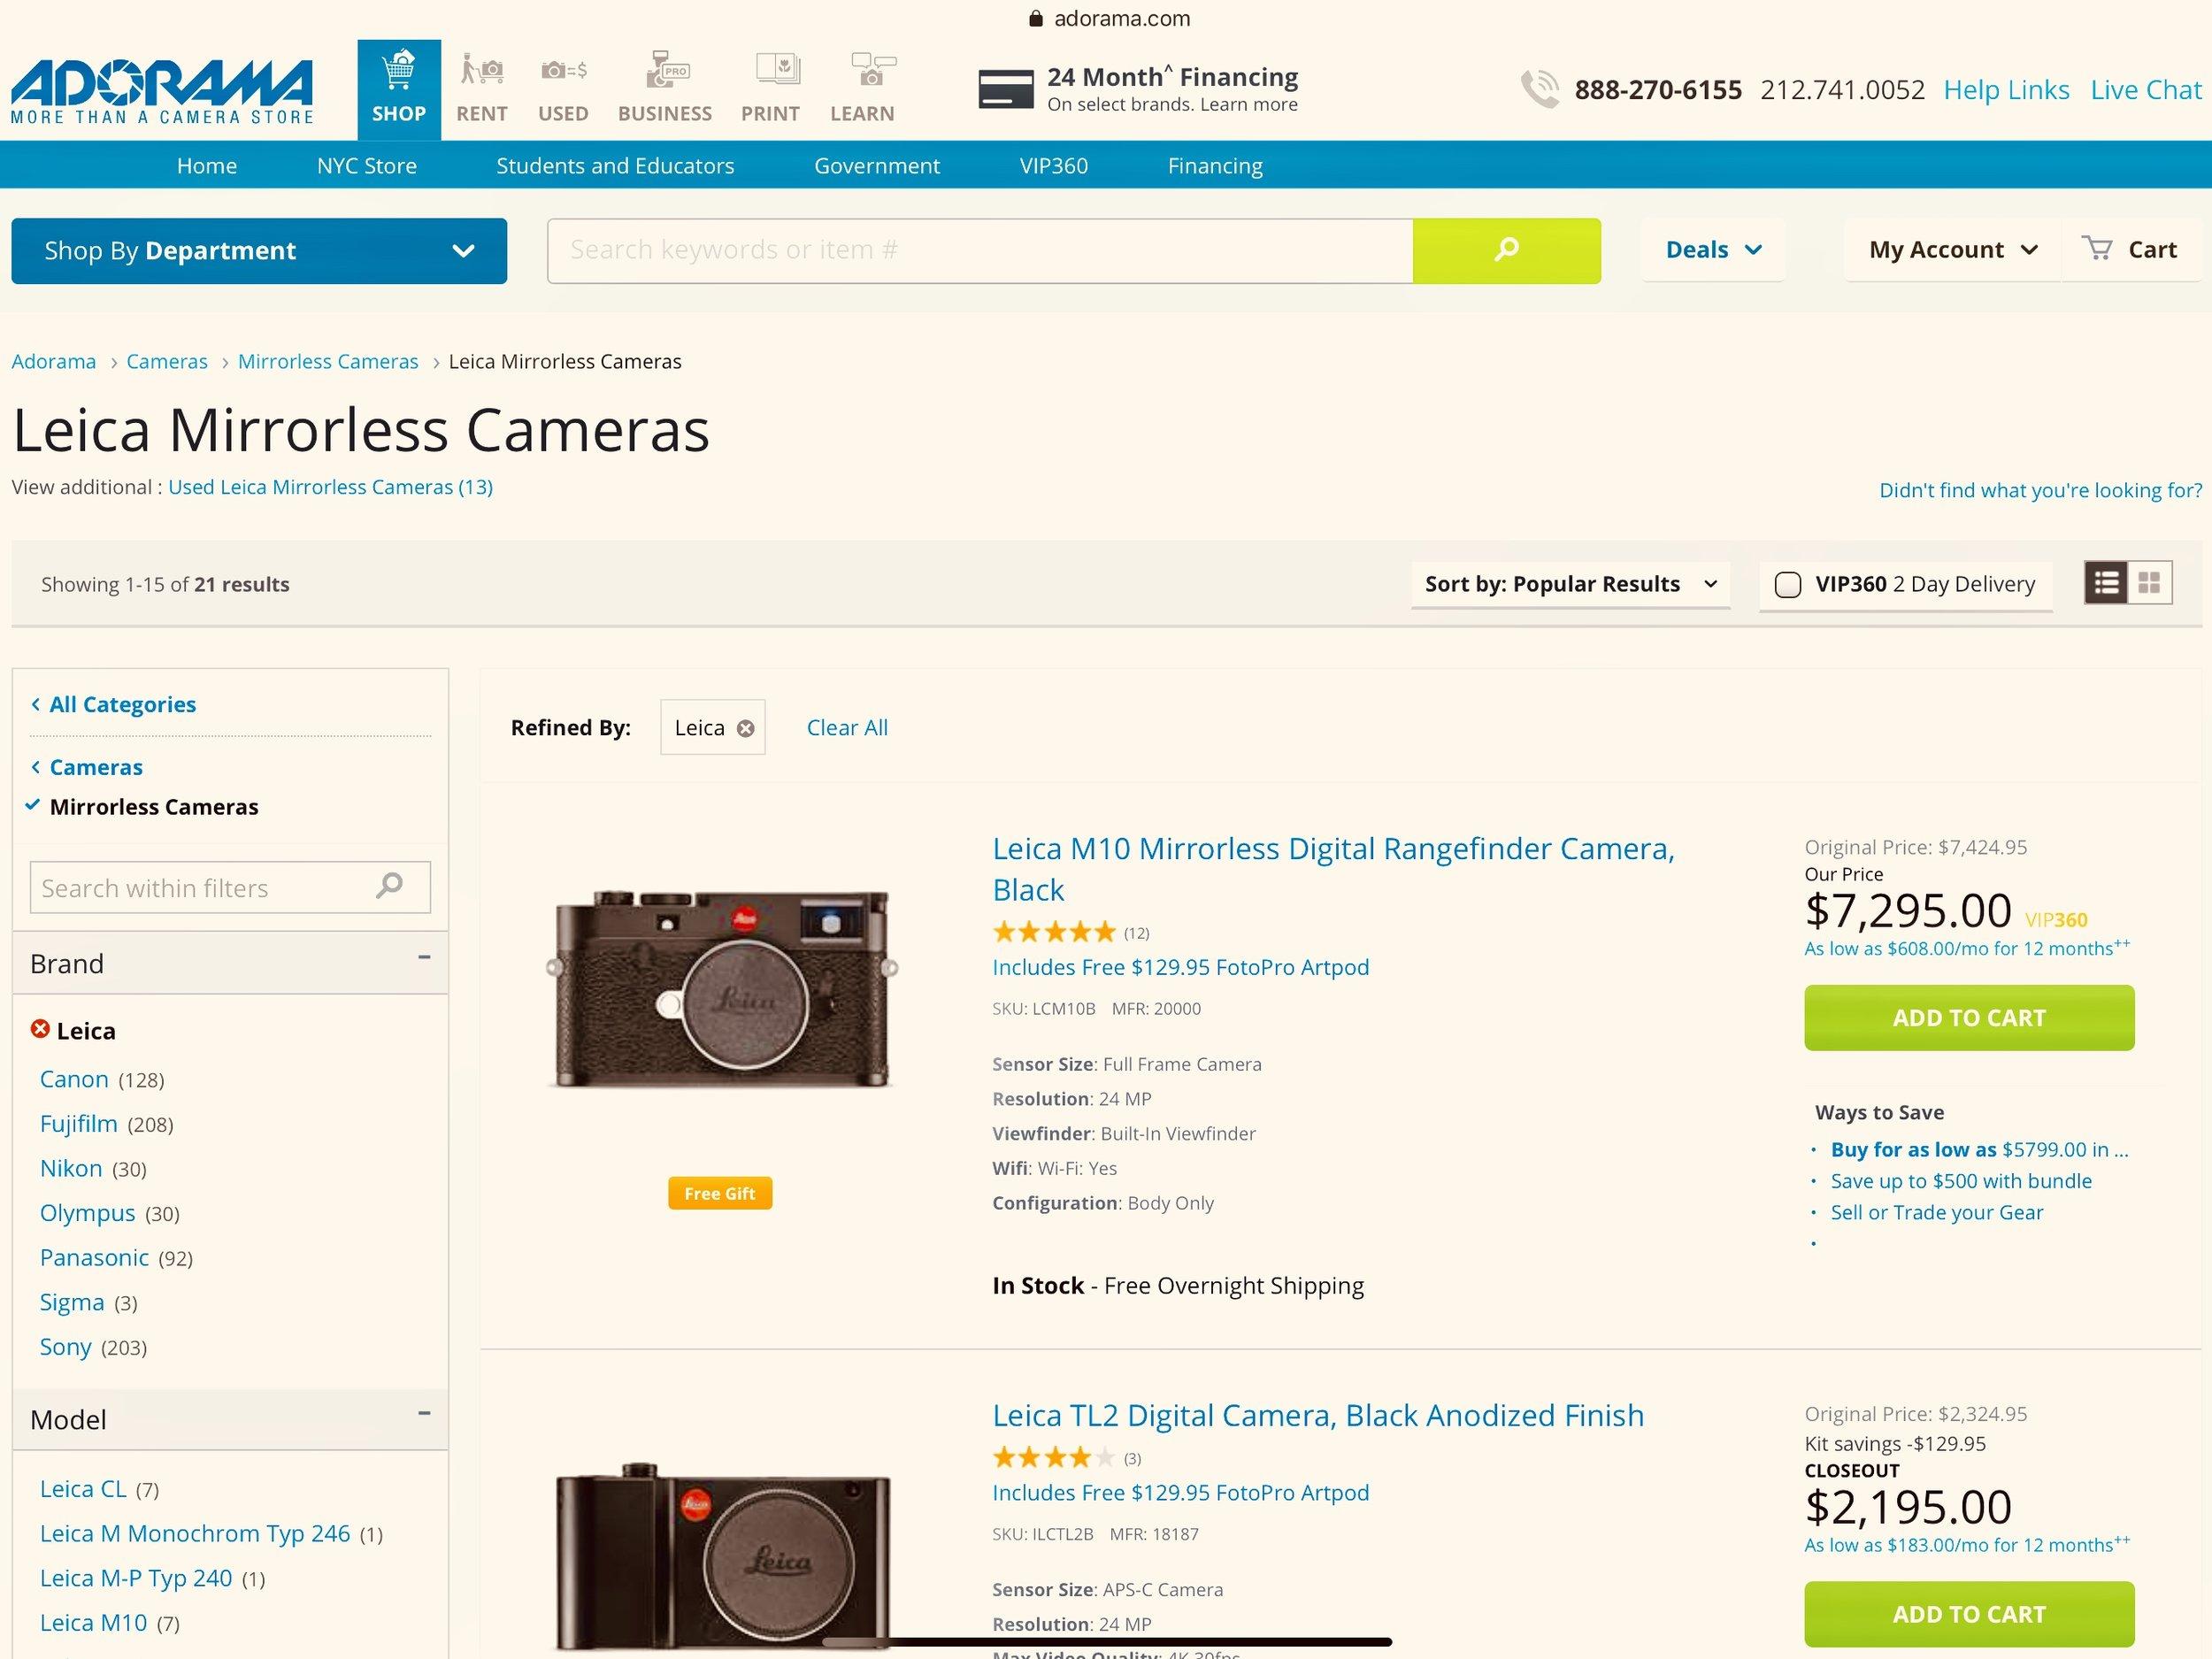 https://www.adorama.com/l/Cameras/Leica~Mirrorless-Cameras